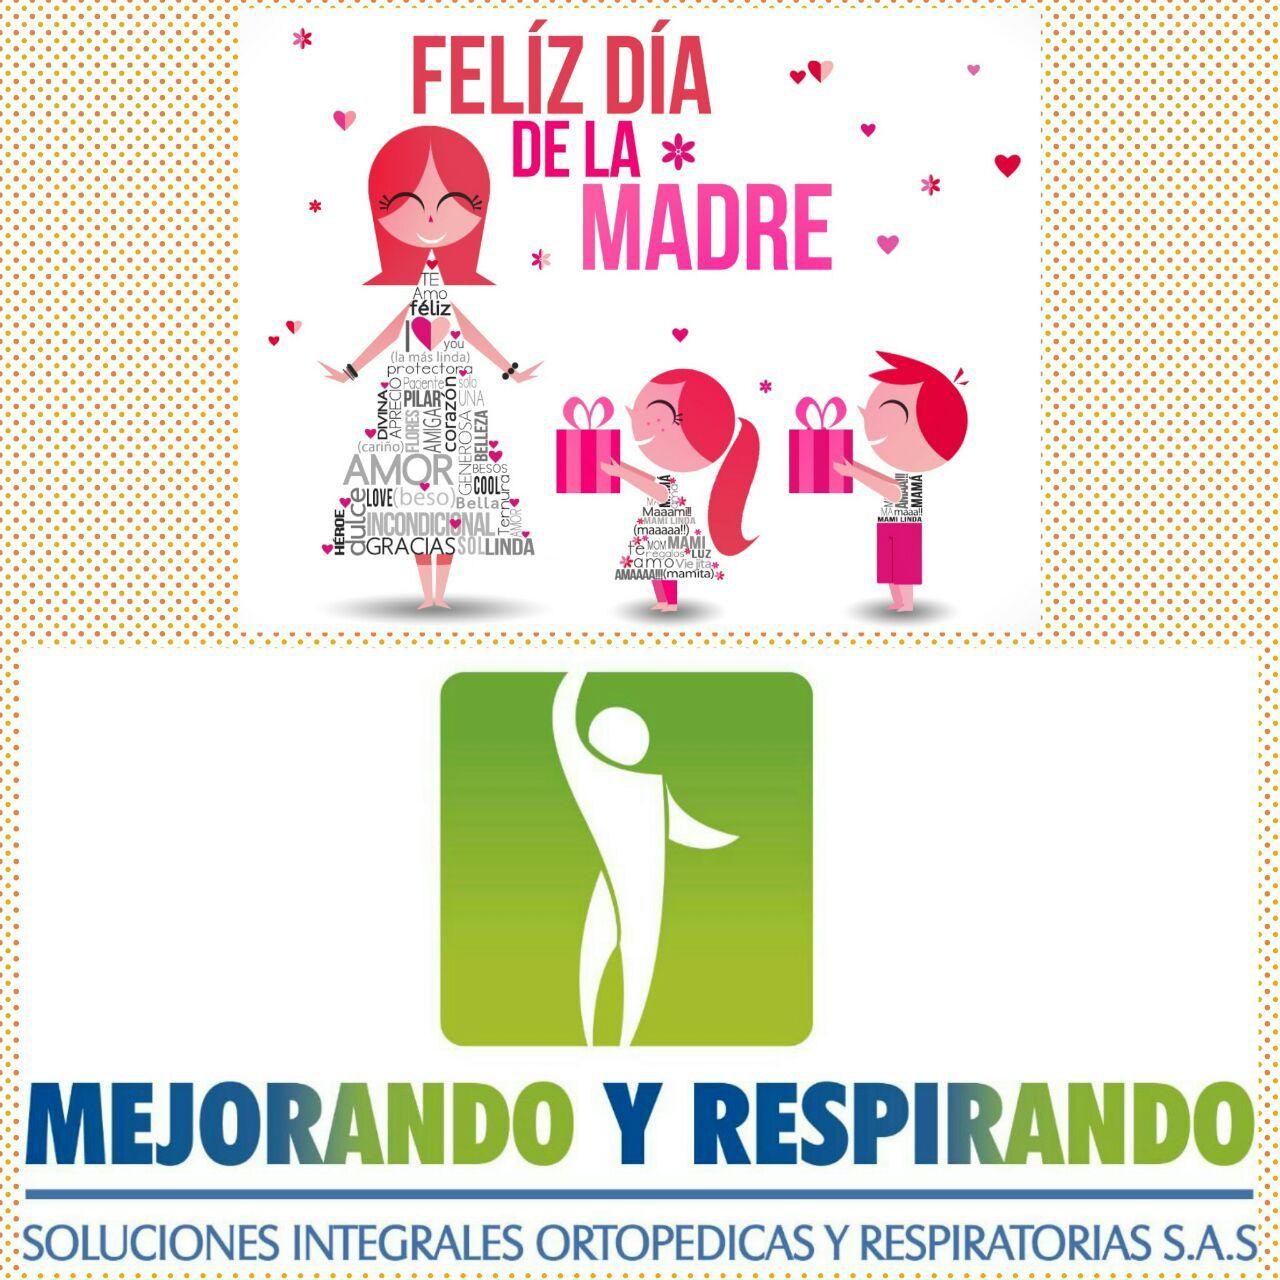 <p>Este domingo 14 de Mayo se celebrara el día de la MADRE;en muchos hogares se está esperando impacientemente la llegada de este día ya que significa celebrar algo muy importante: que hay un ser especial en la familia. Las madres…</p>